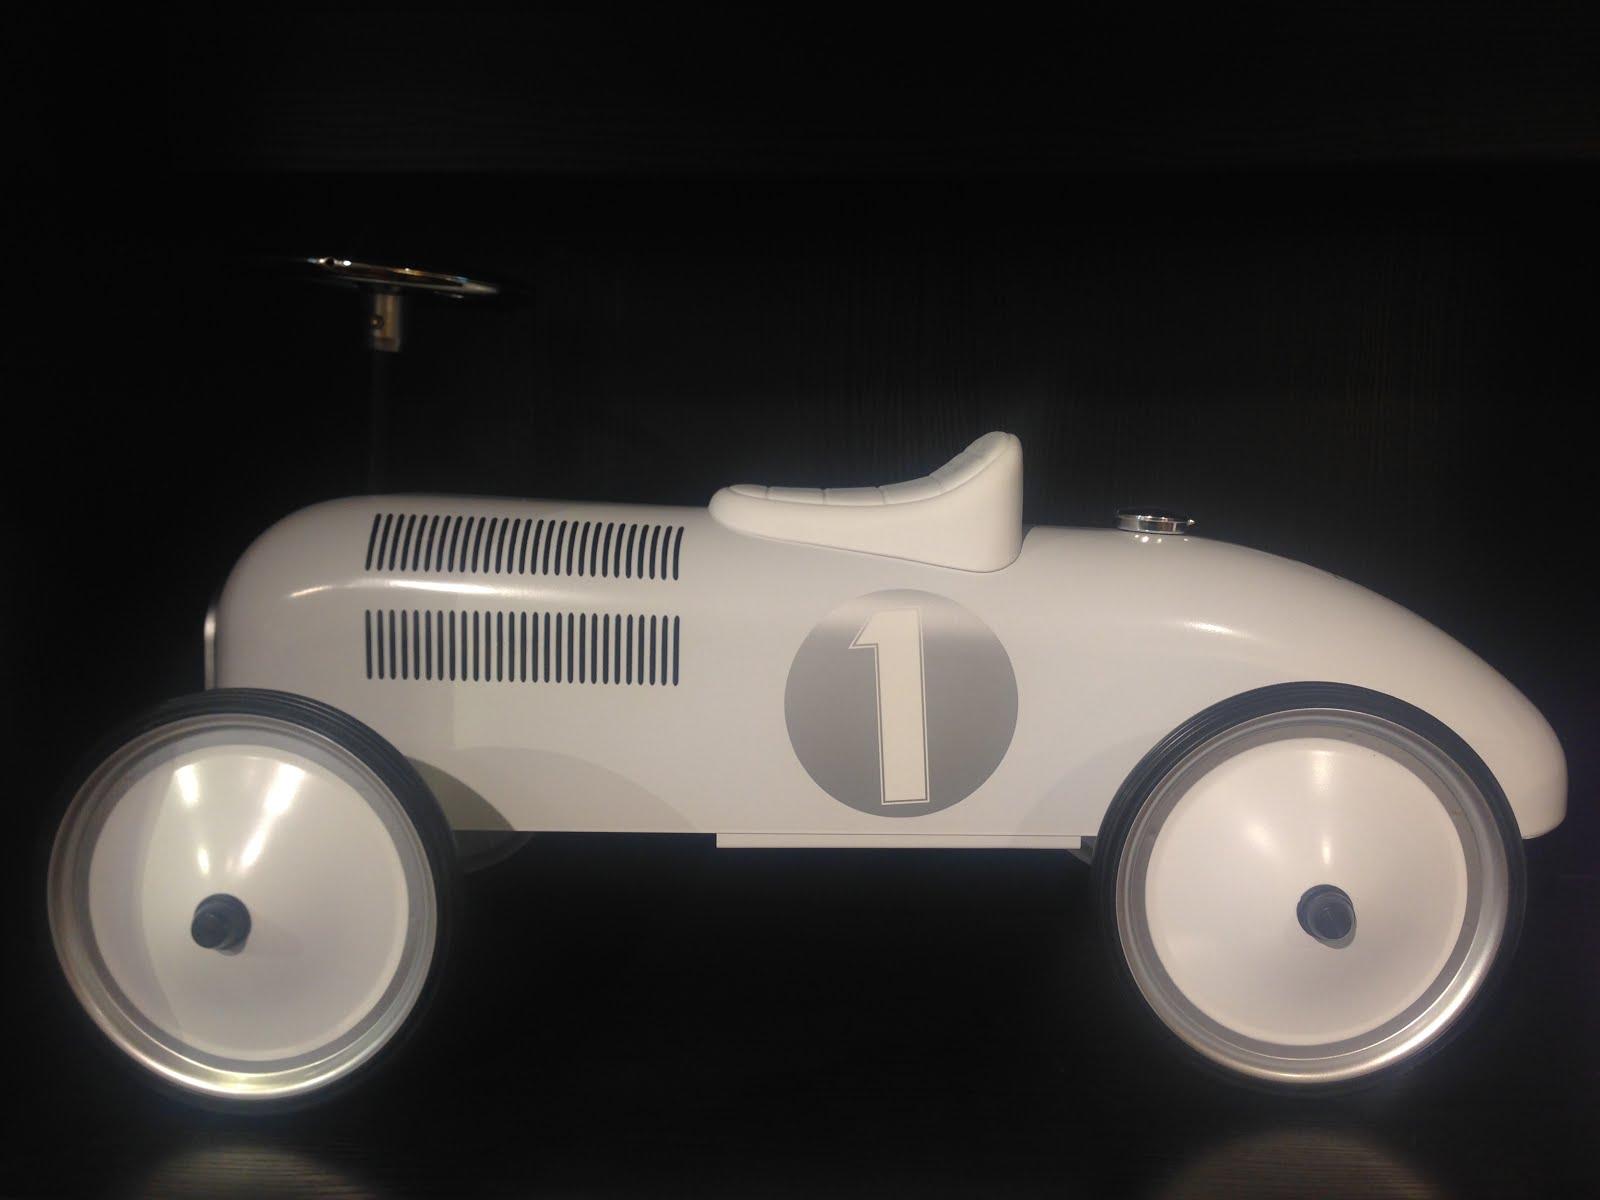 Bil,- enkelt og greit...